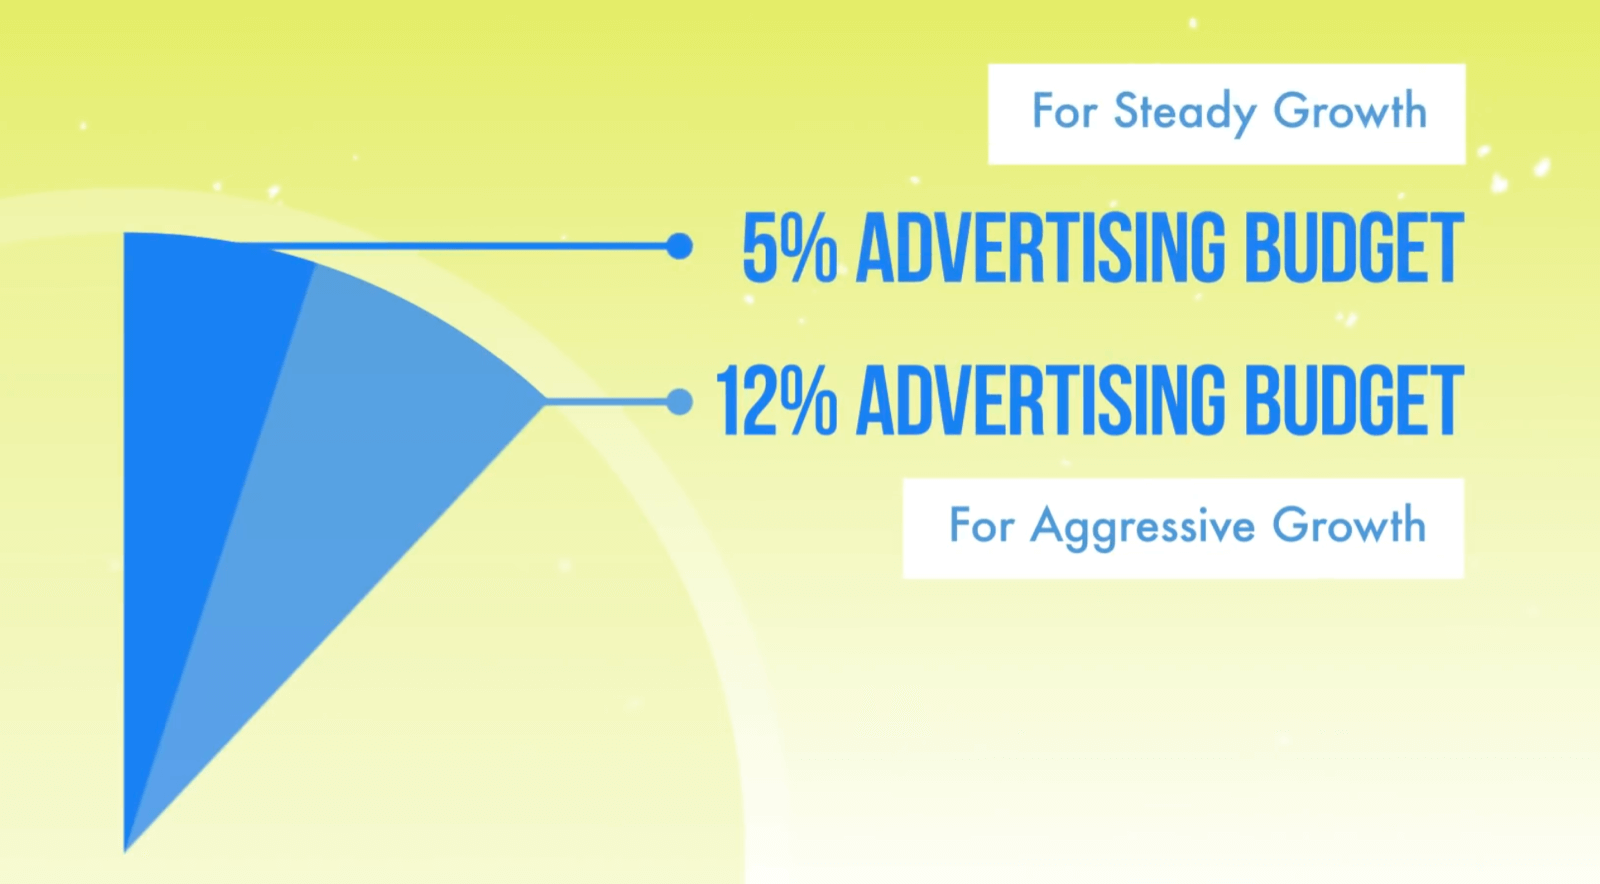 图形显示5%的广告预算可实现稳定增长,而12%的广告预算可实现积极增长